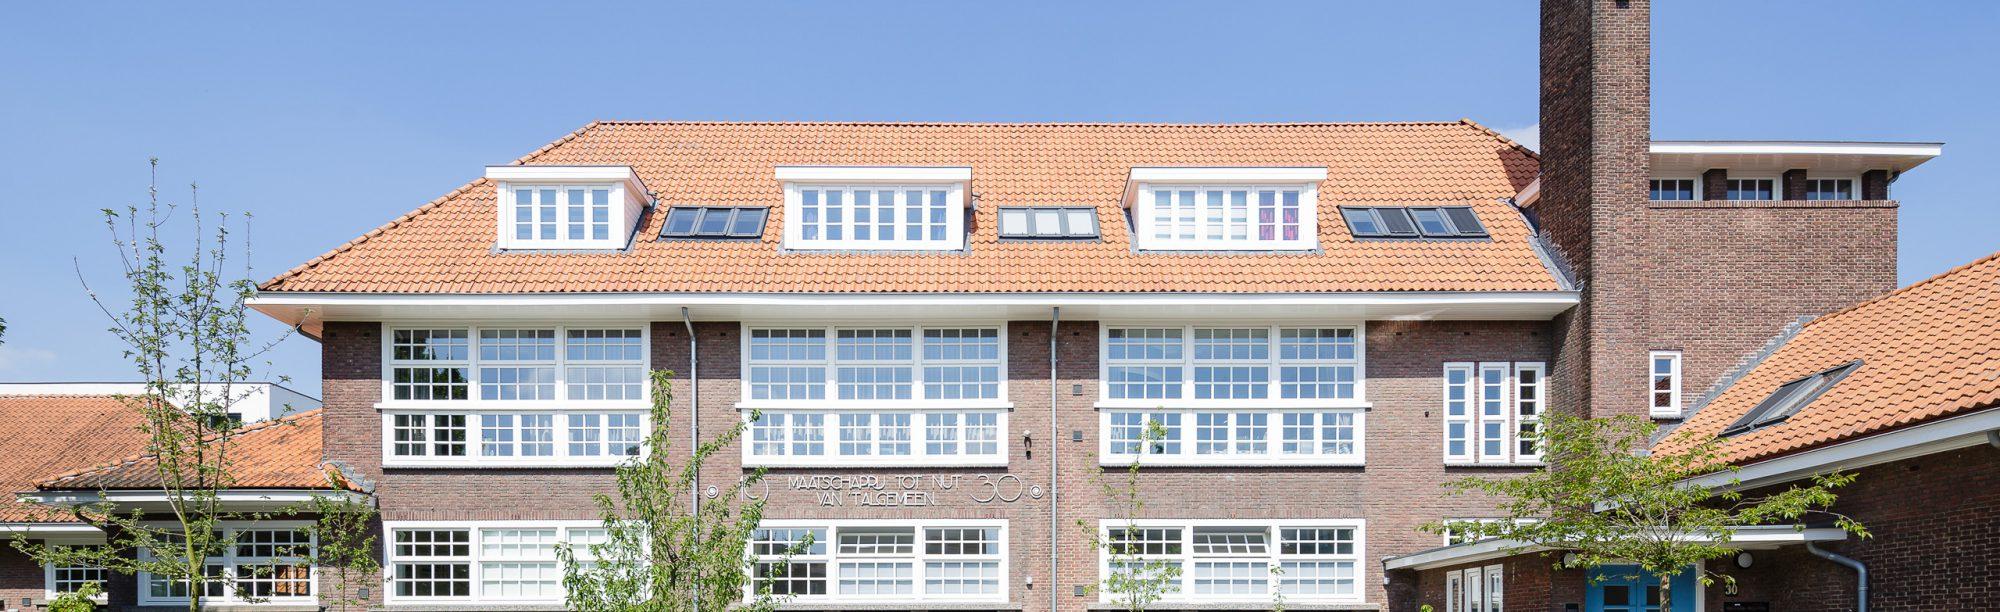 Transformatie schoolgebouw woningbouw